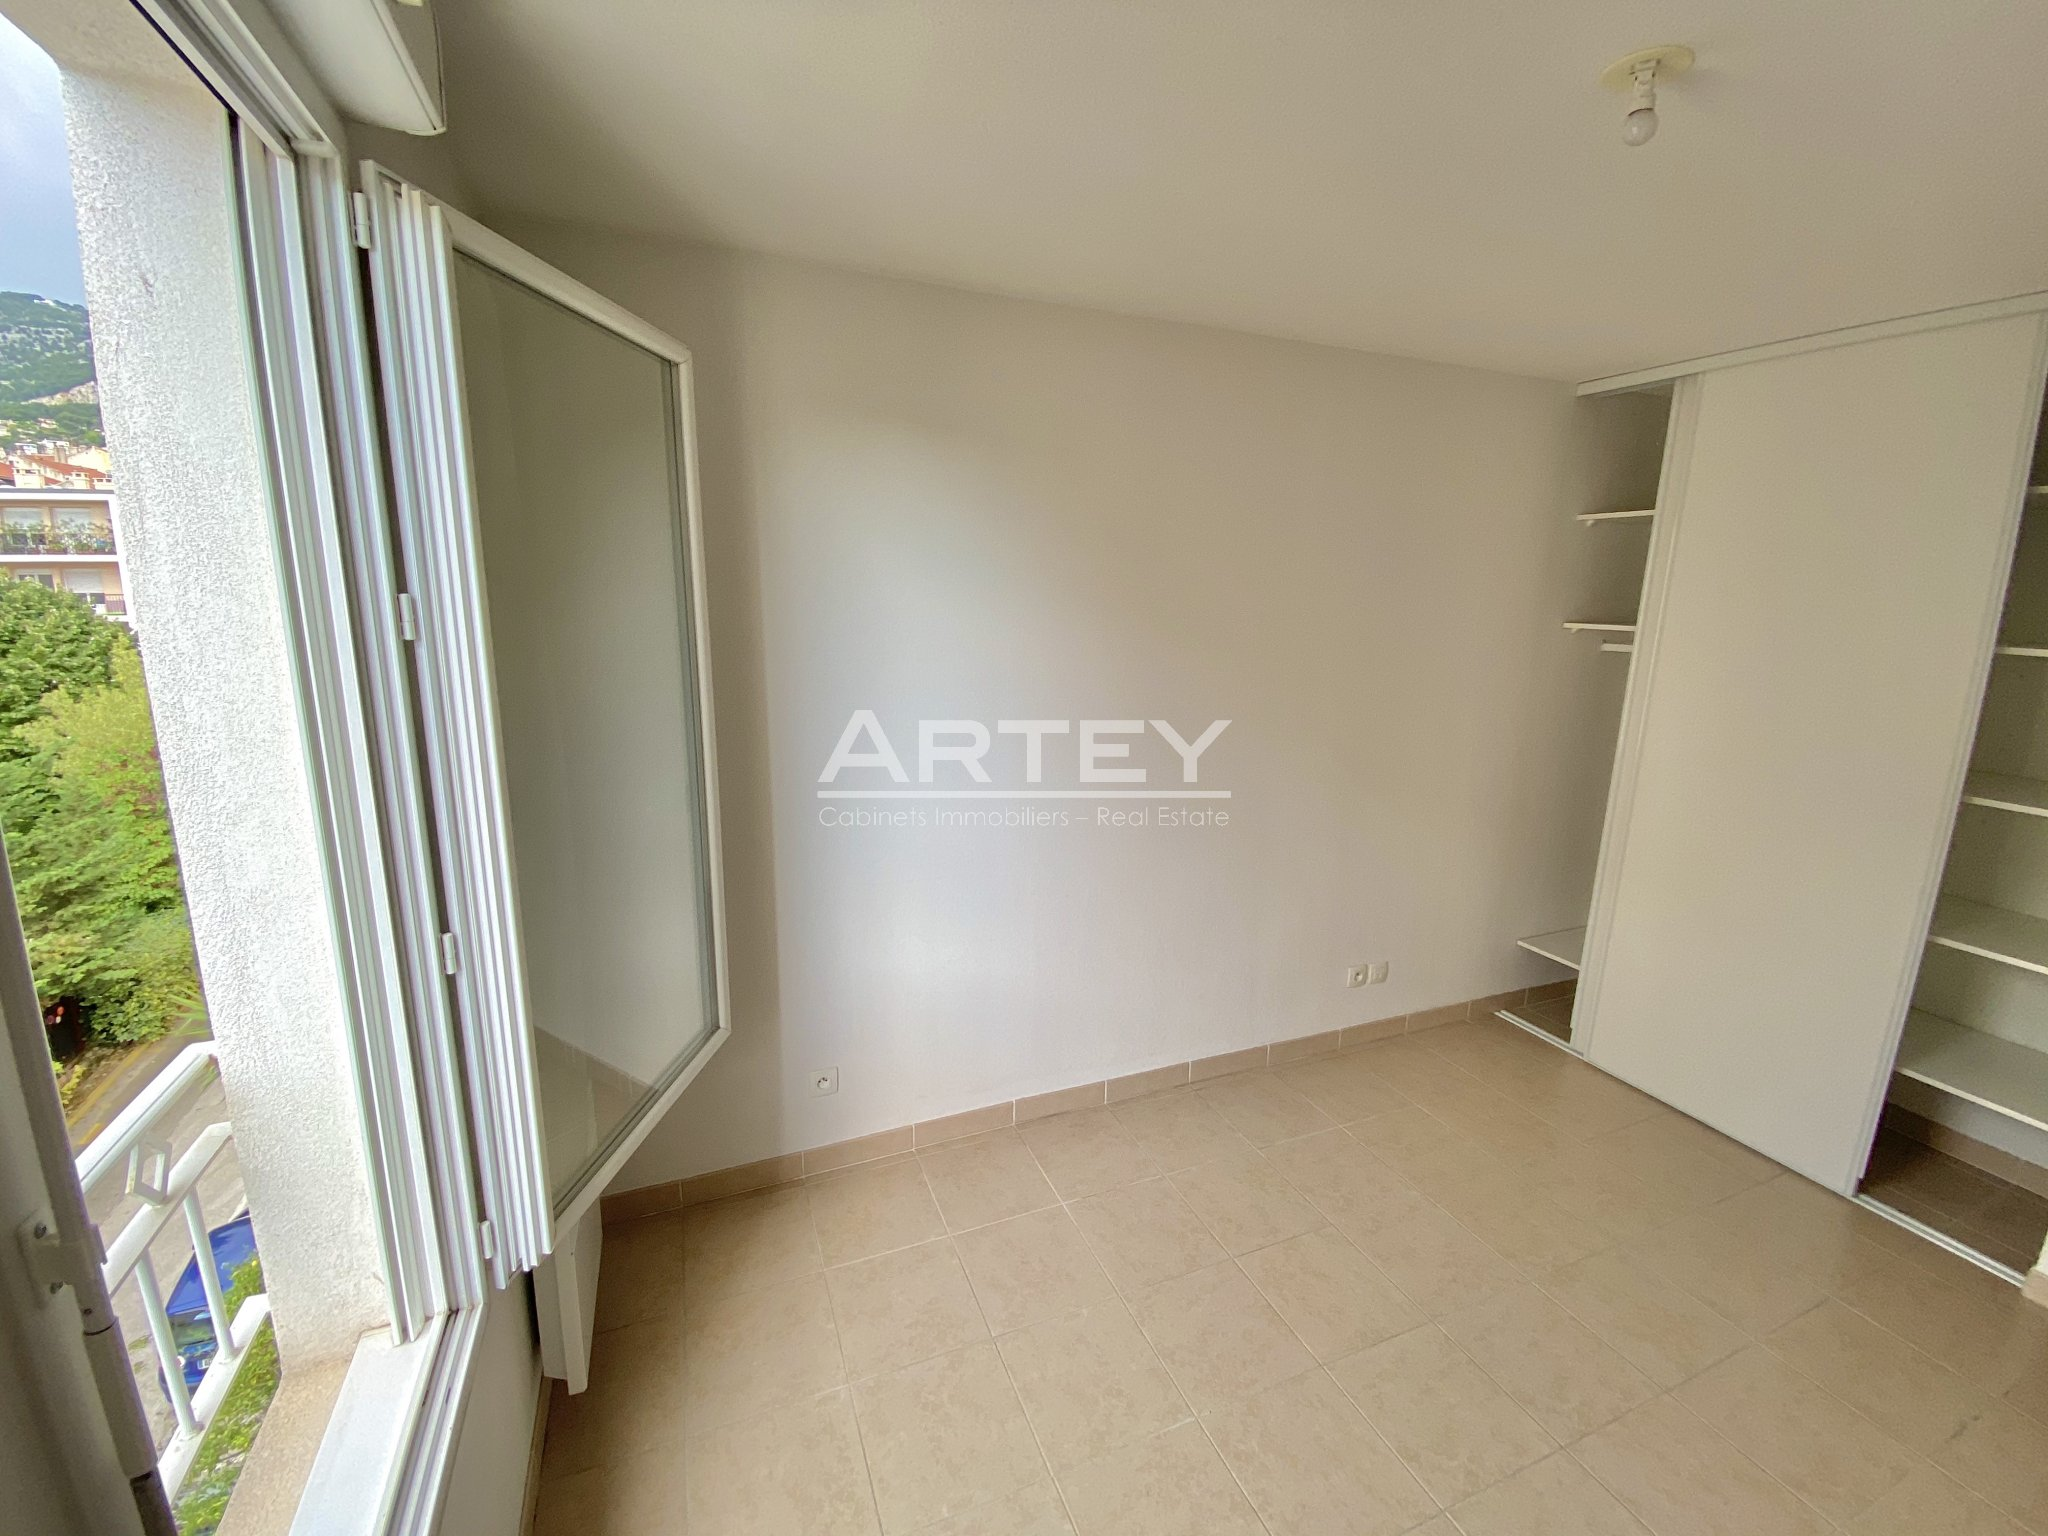 Apartment - Toulon 83000